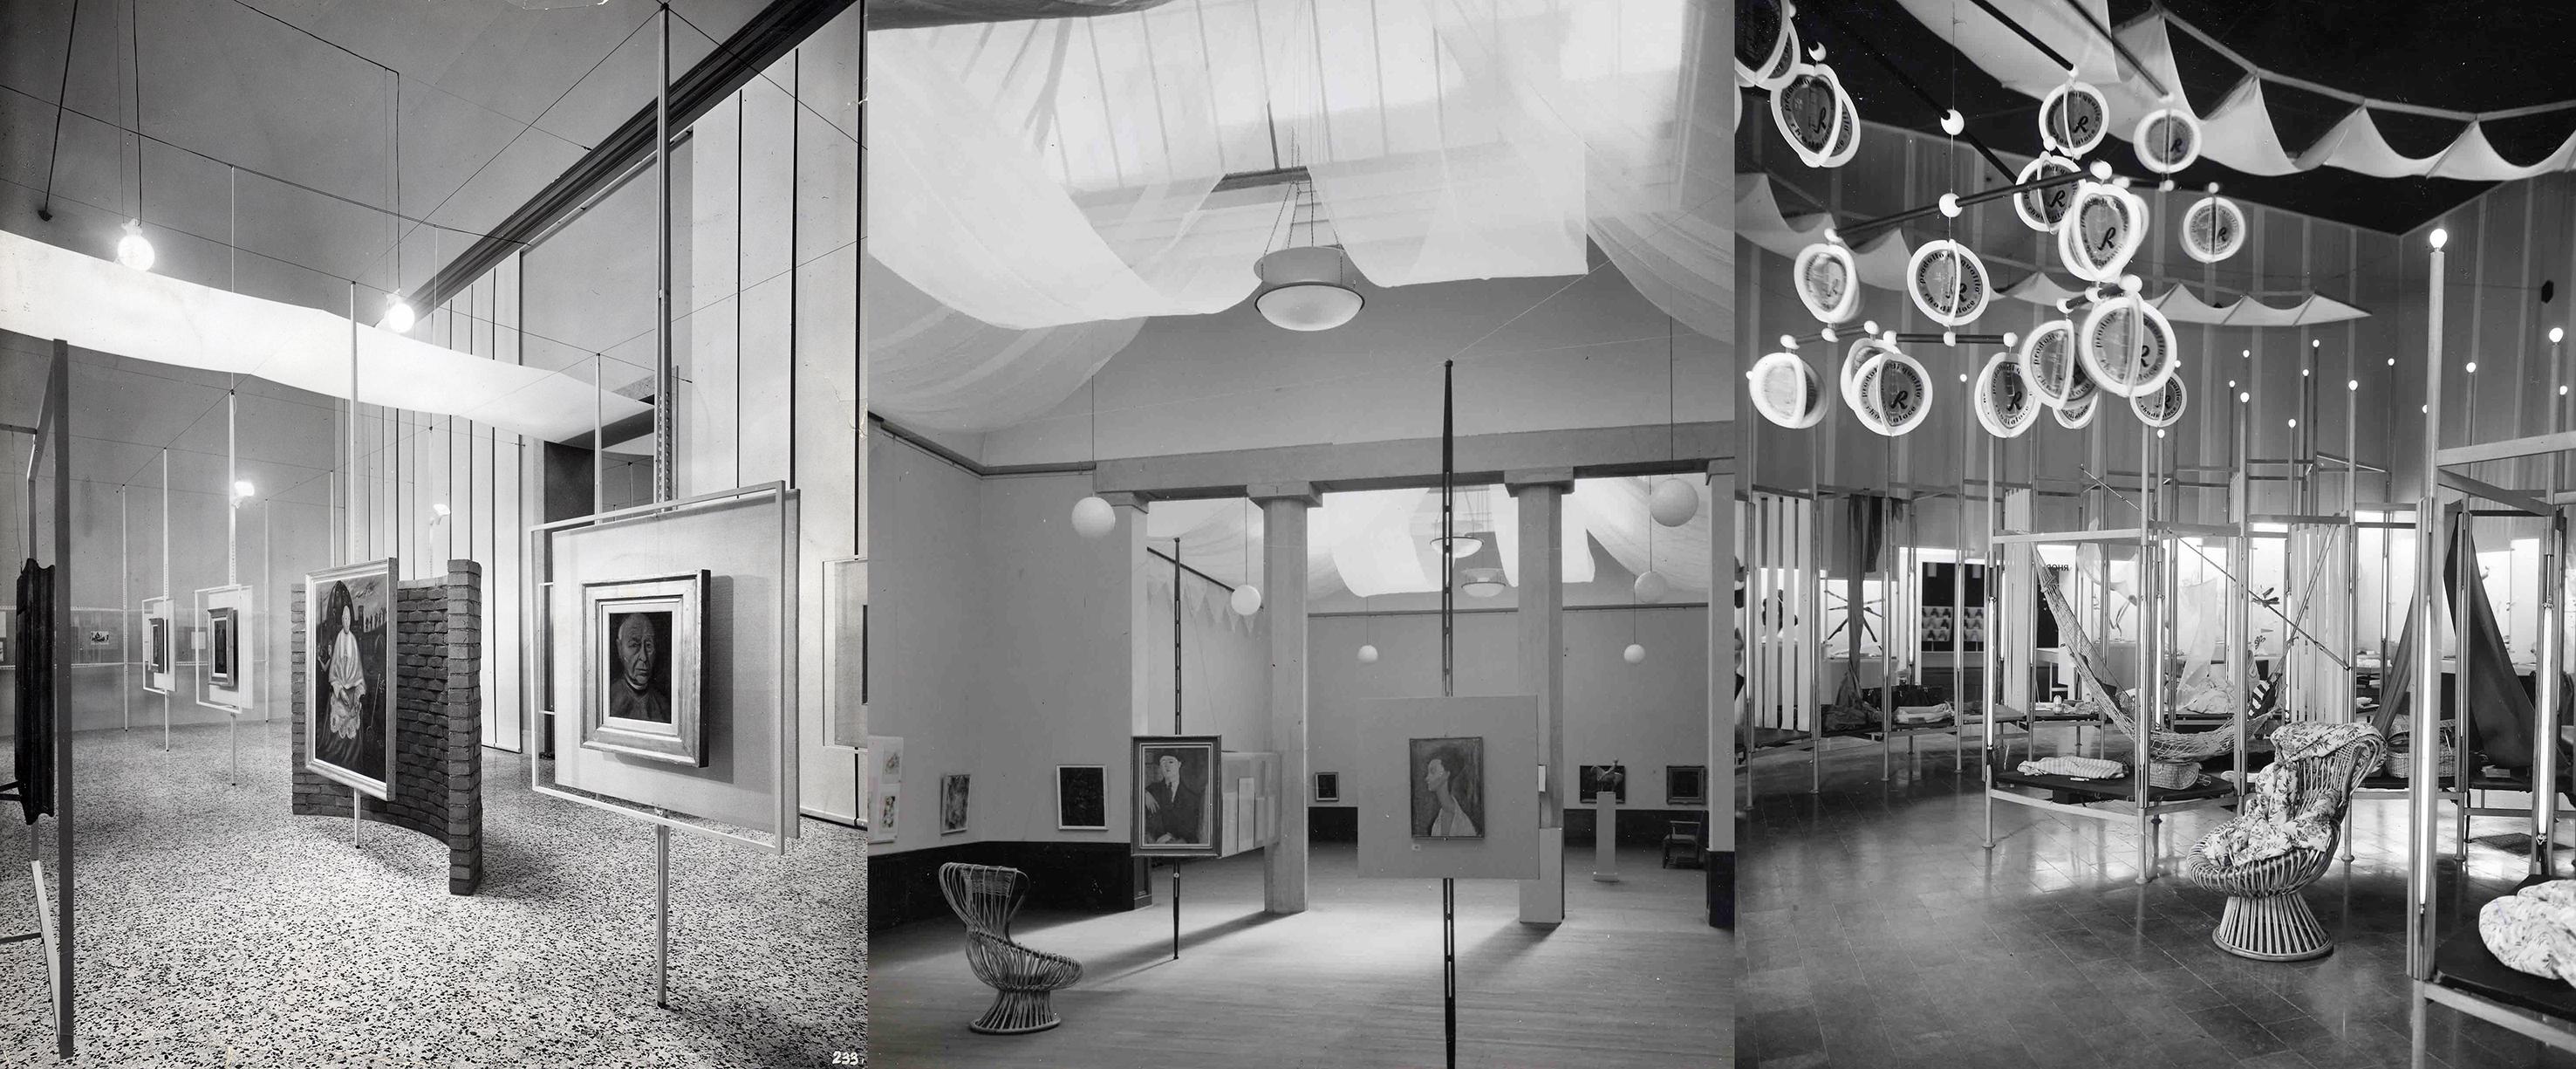 """buy online 8b33e 71418 12 – Franco Albini  mostra Scipione e del """"Bianco e Nero"""", Pinacoteca di  Brera, 1941  Mostra d arte italiana a Stoccolma, 1953  stand Rhodiatoce  alla Fiera ..."""